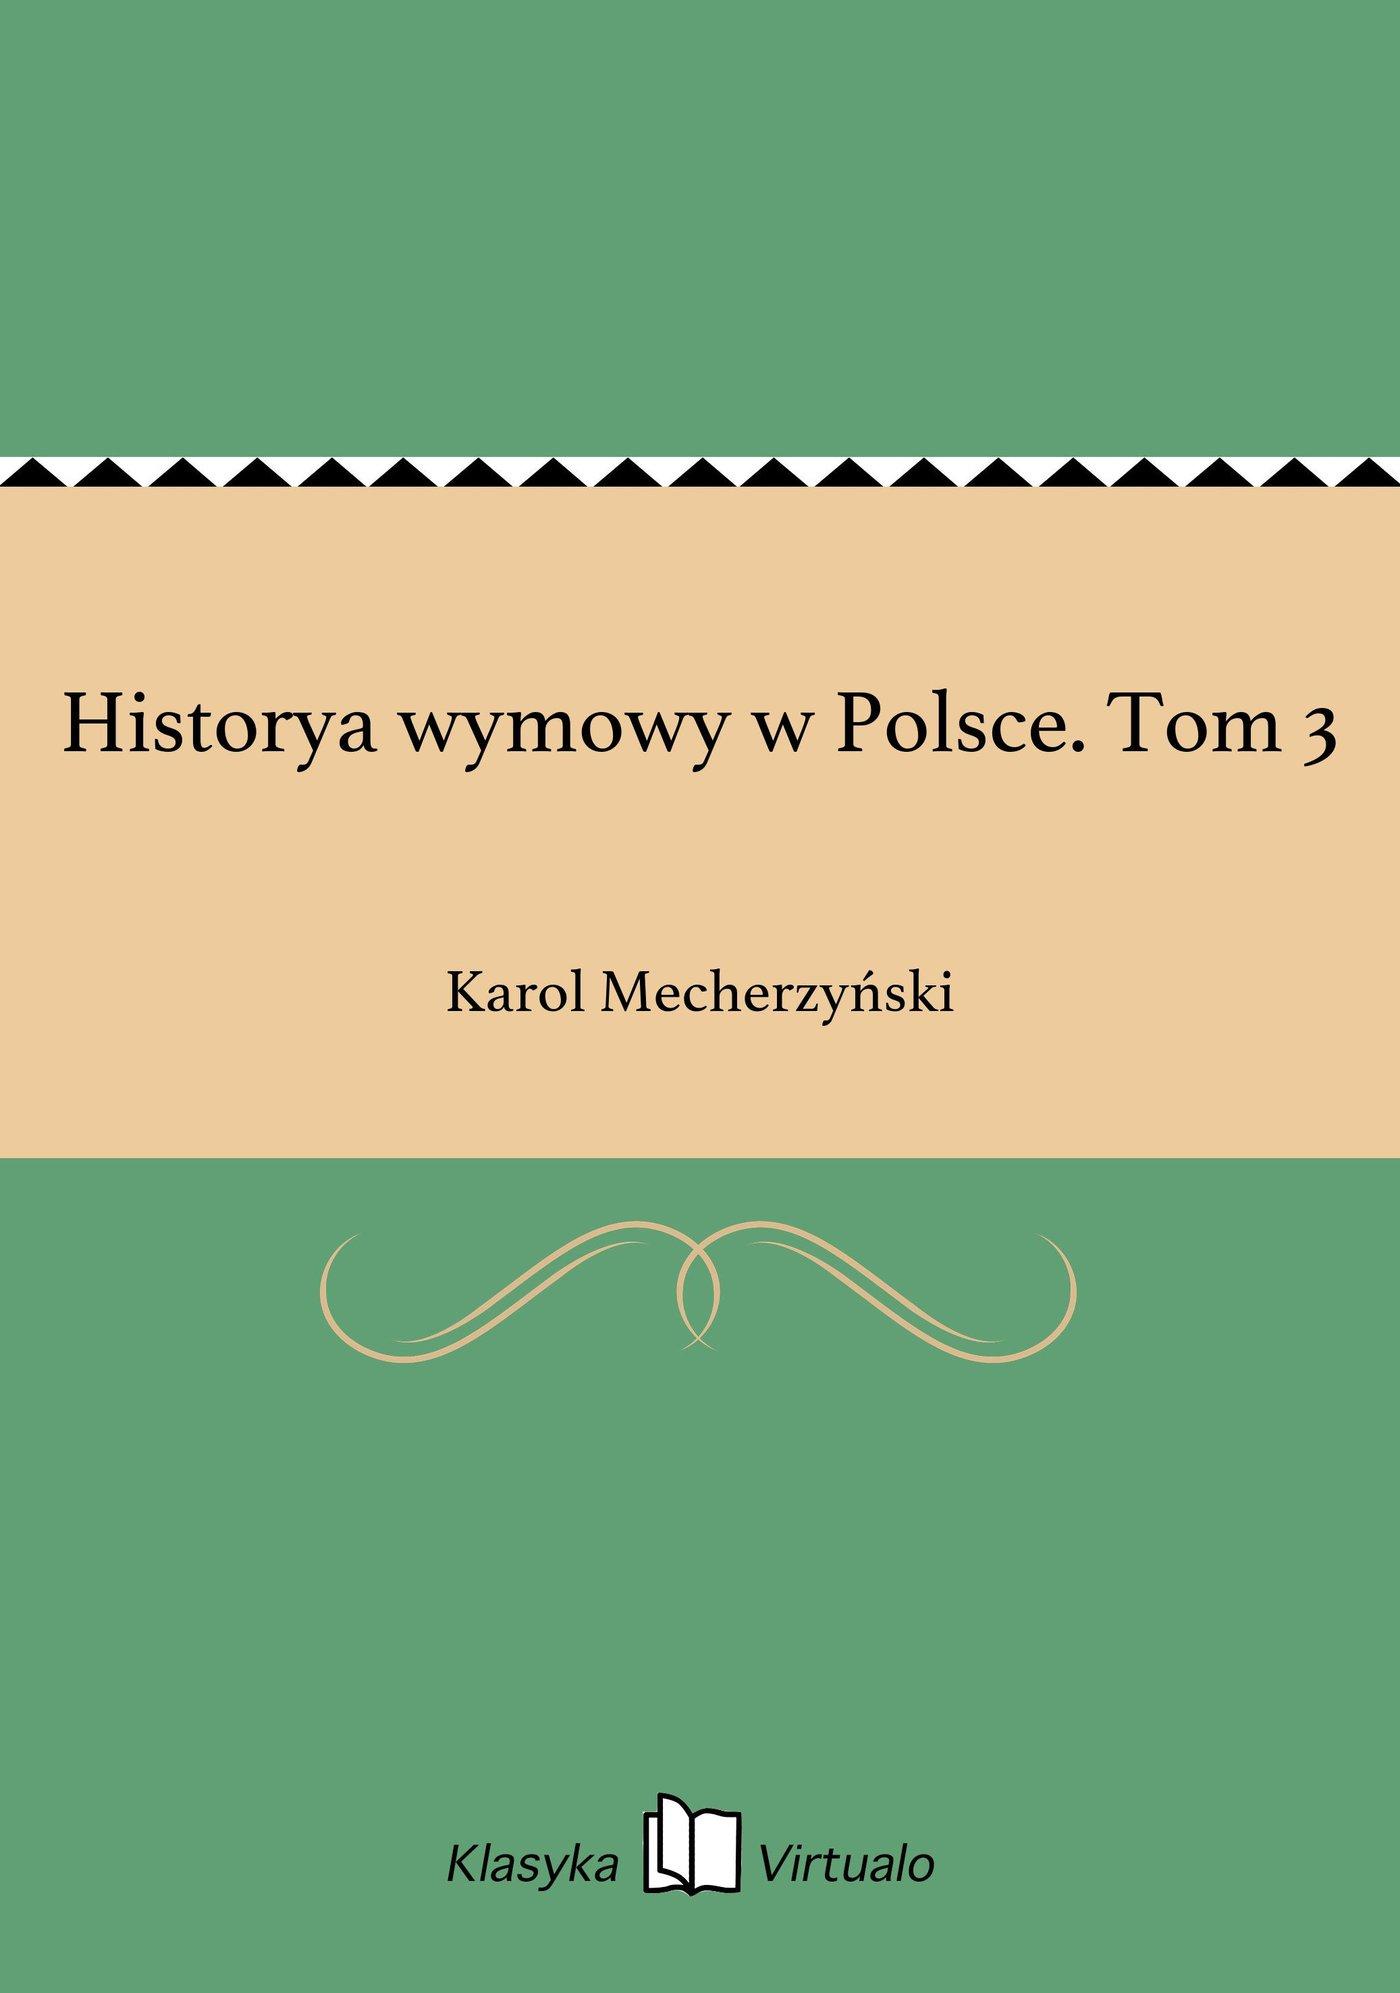 Historya wymowy w Polsce. Tom 3 - Ebook (Książka EPUB) do pobrania w formacie EPUB